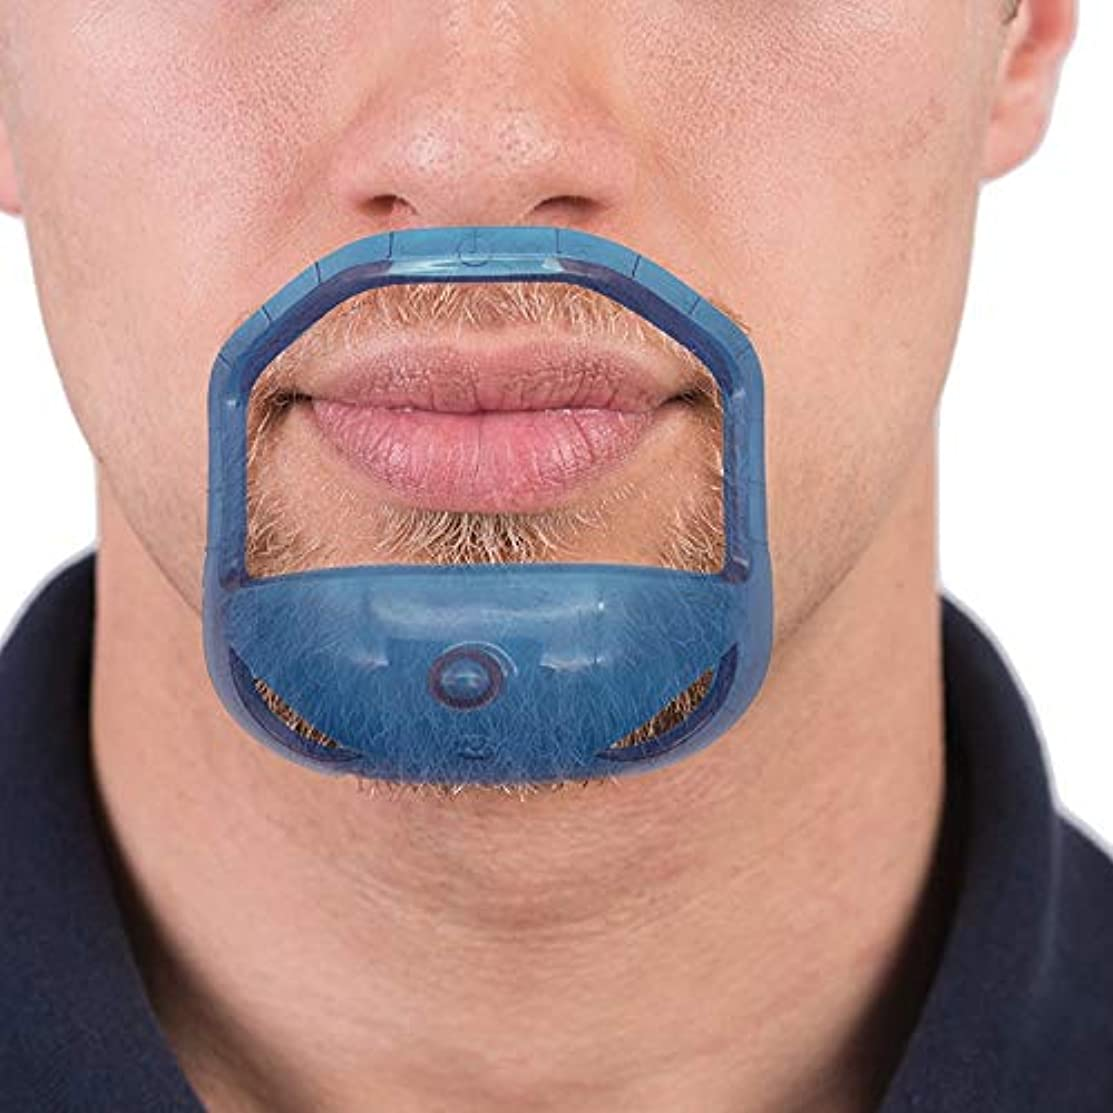 ウィザードメンタリティ勇気CUHAWUDBA 5ピース/セット 対称カットあごひげ ネックライン口ひげ グルーミングひげスタイリングケアひげシェーピングシェービングツール - クリアブルー